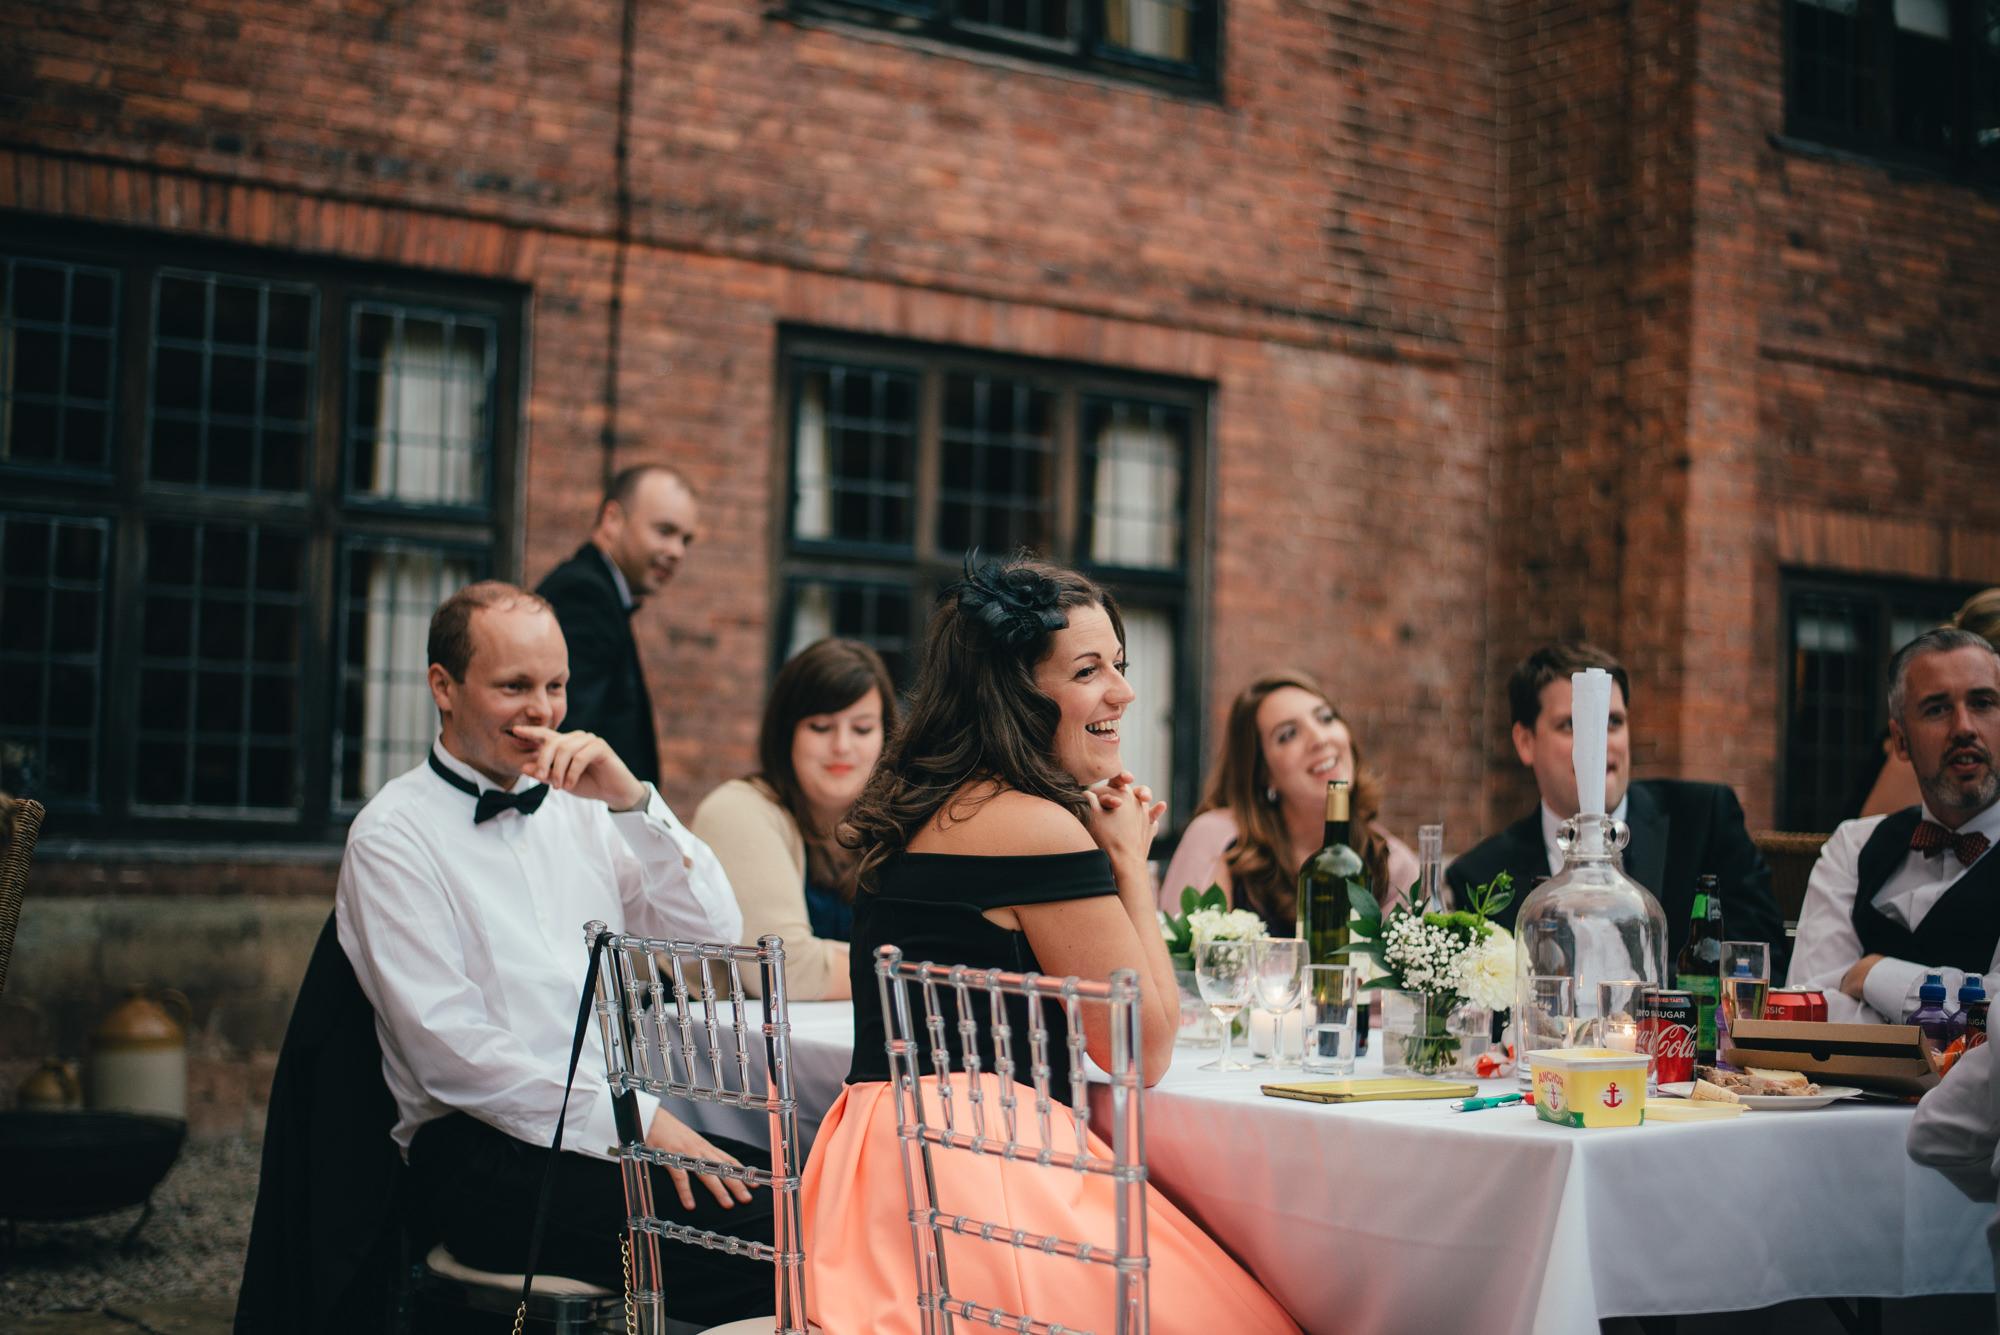 Brinsop Court Wedding Photography93